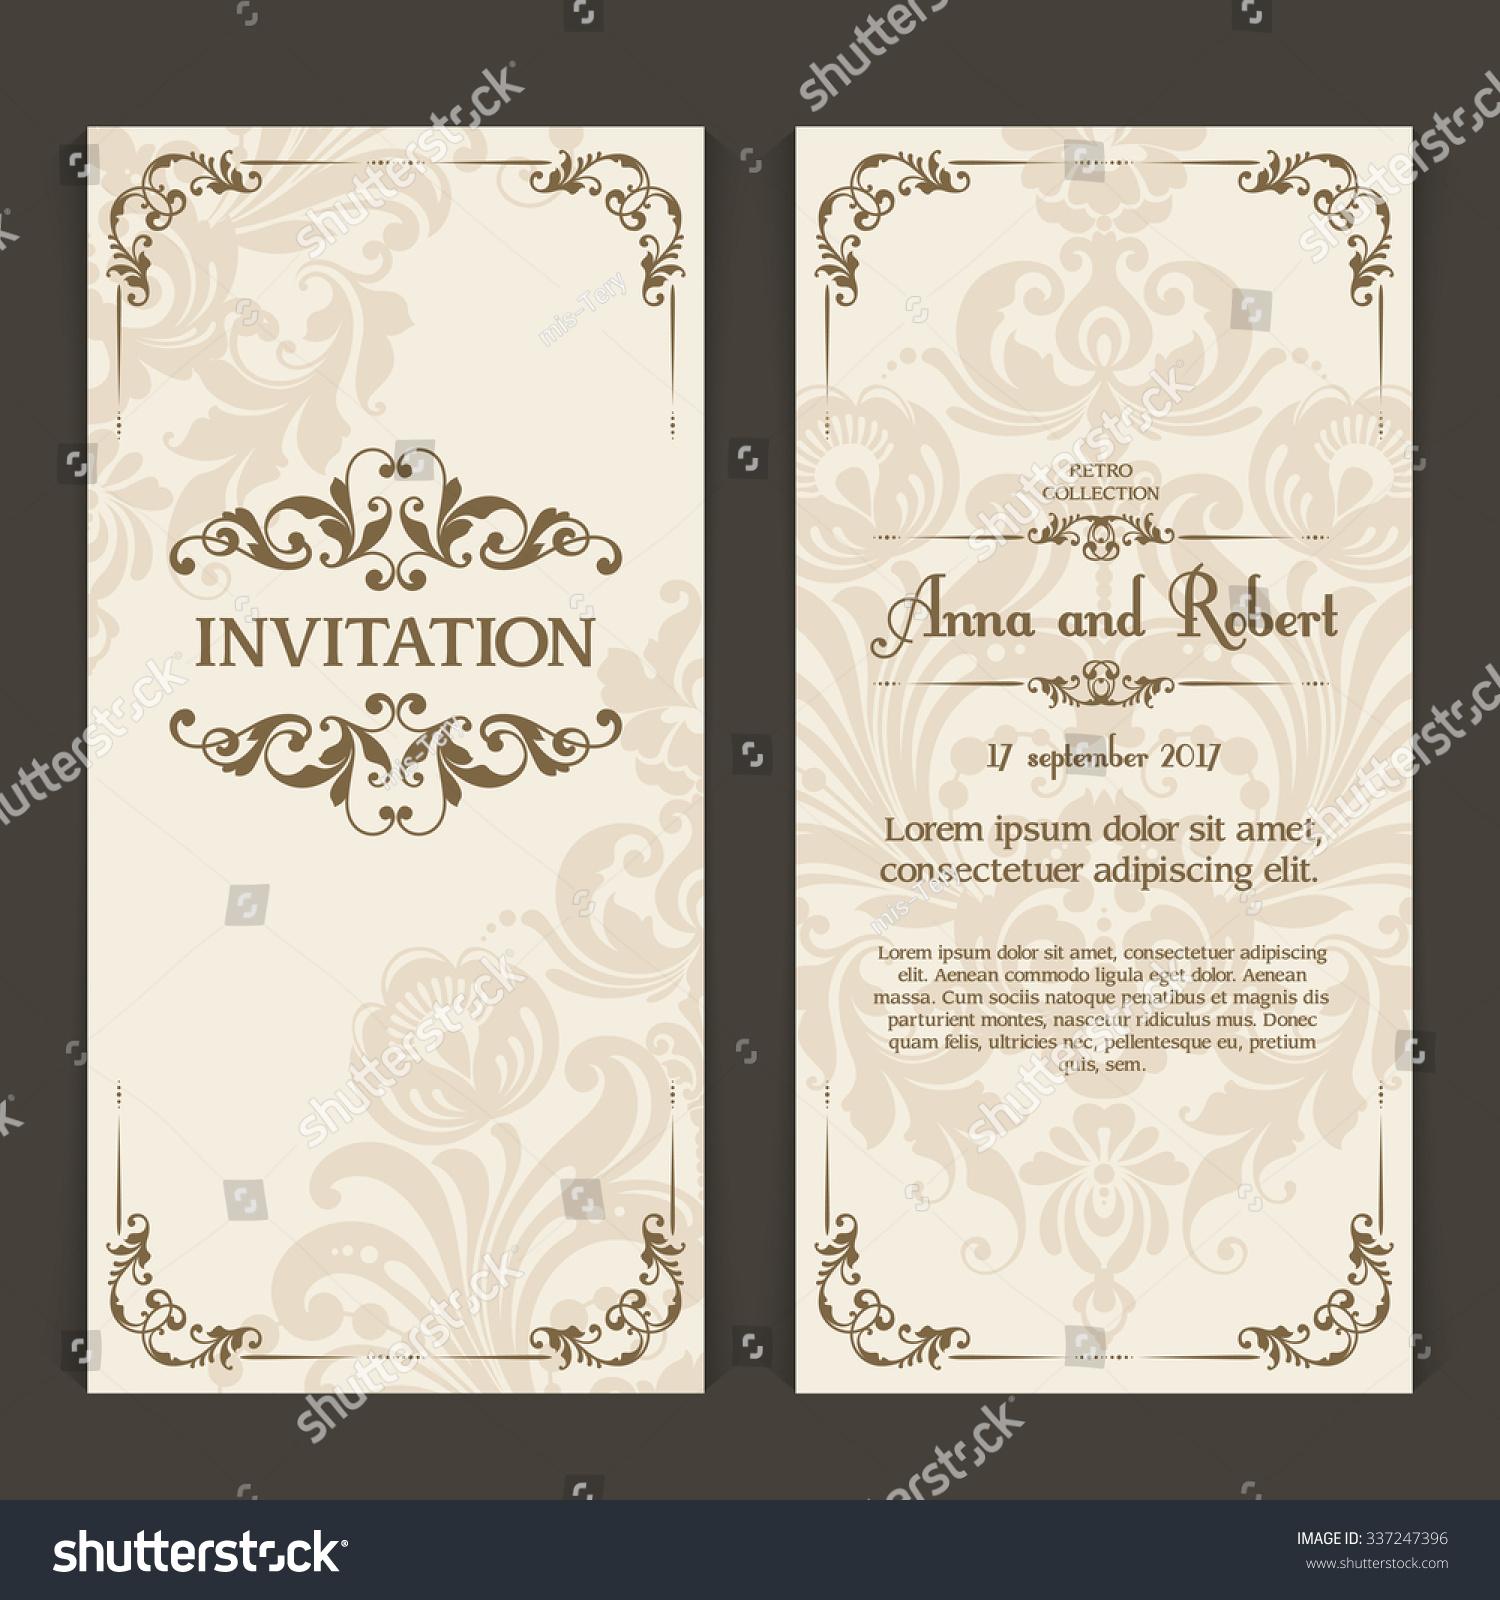 elegant vintage wedding invitation design vector stock vector 337247396 shutterstock. Black Bedroom Furniture Sets. Home Design Ideas